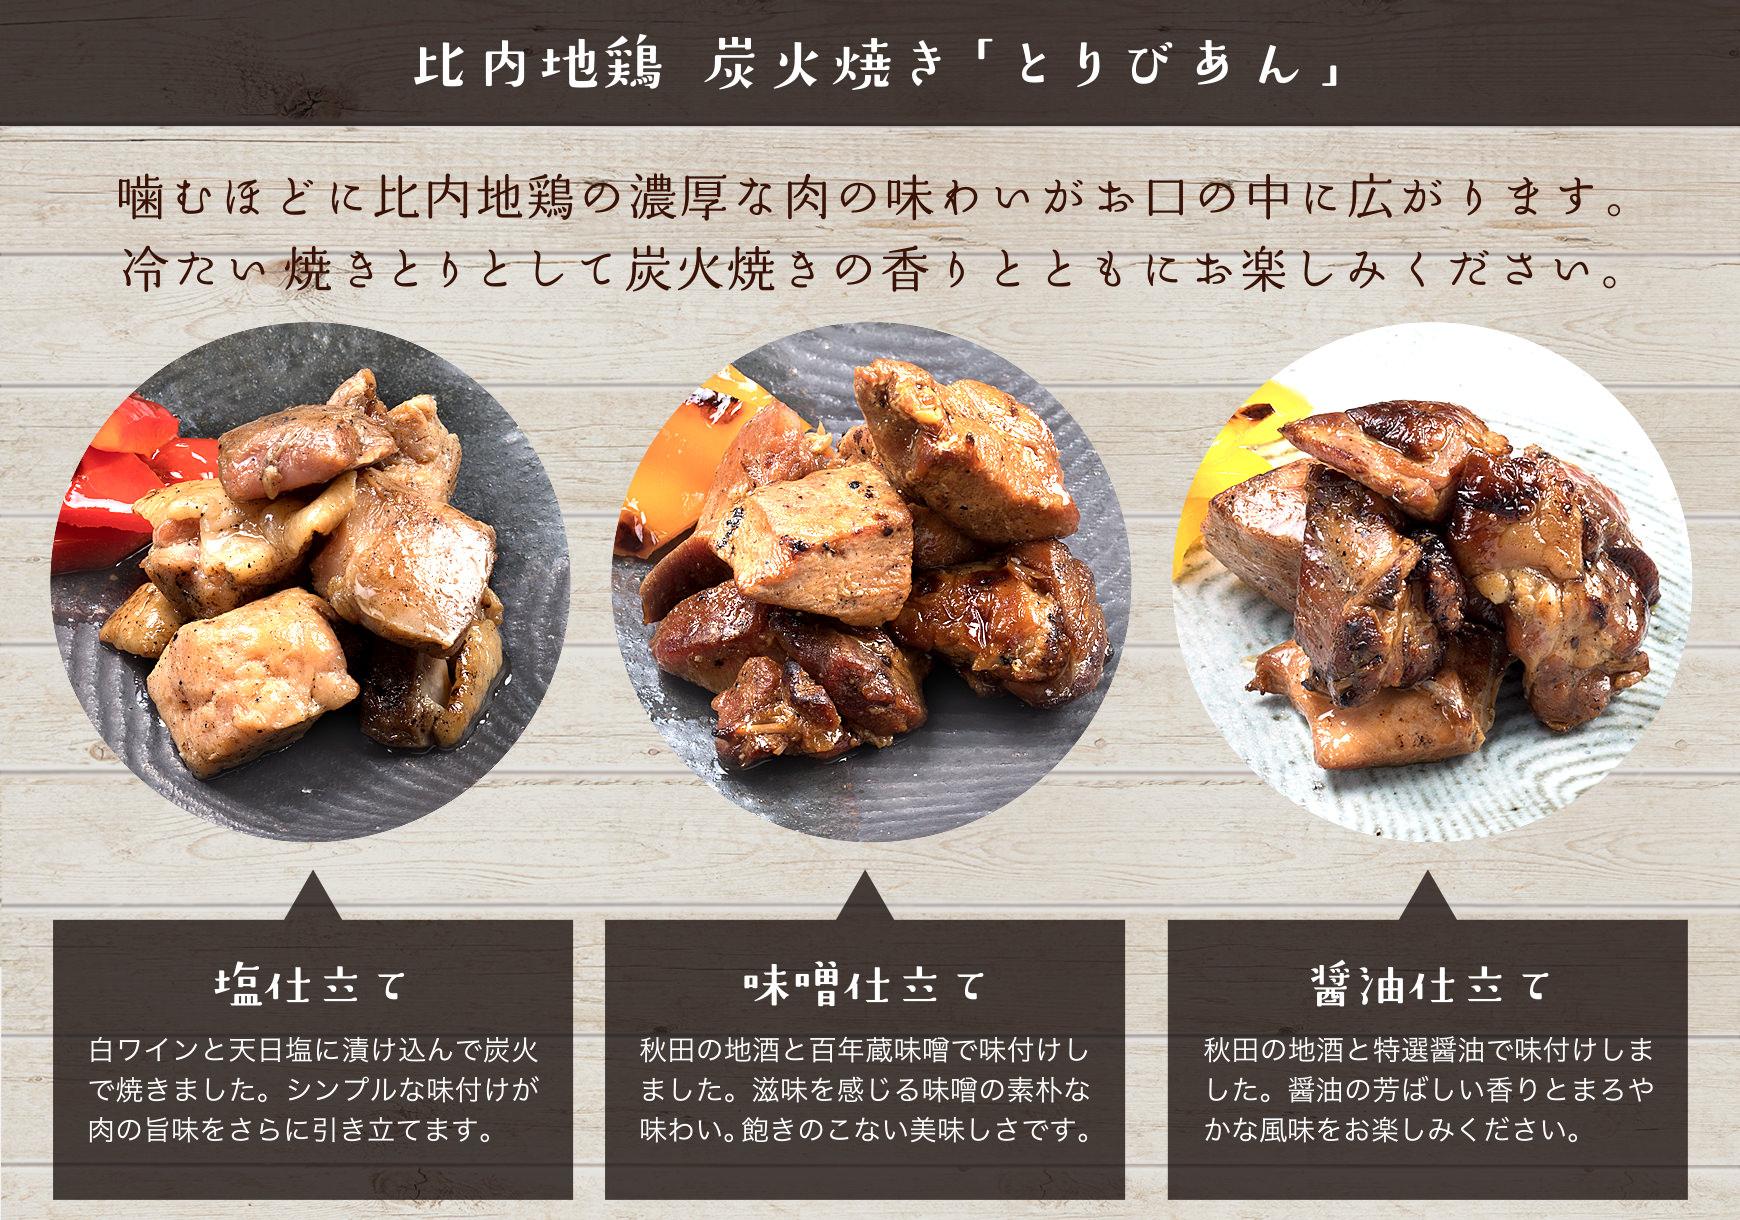 噛むほどに比内地鶏の濃厚な味わいがお口の中に広がります